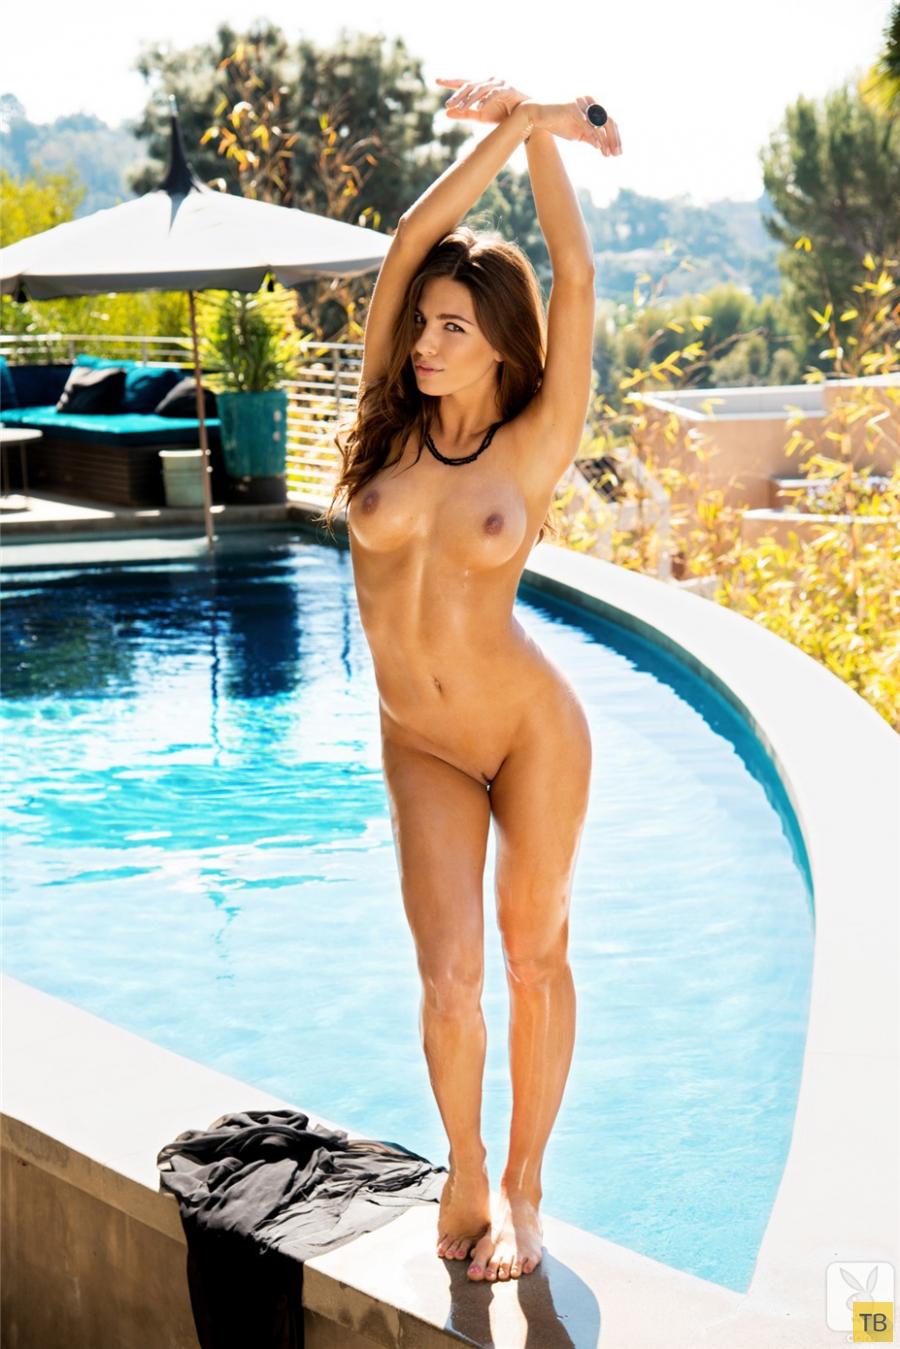 (18+) Девушка месяца - Джессика Эшли (Jessica Ashley)   Playboy USA, июнь 2014 (27 фото)